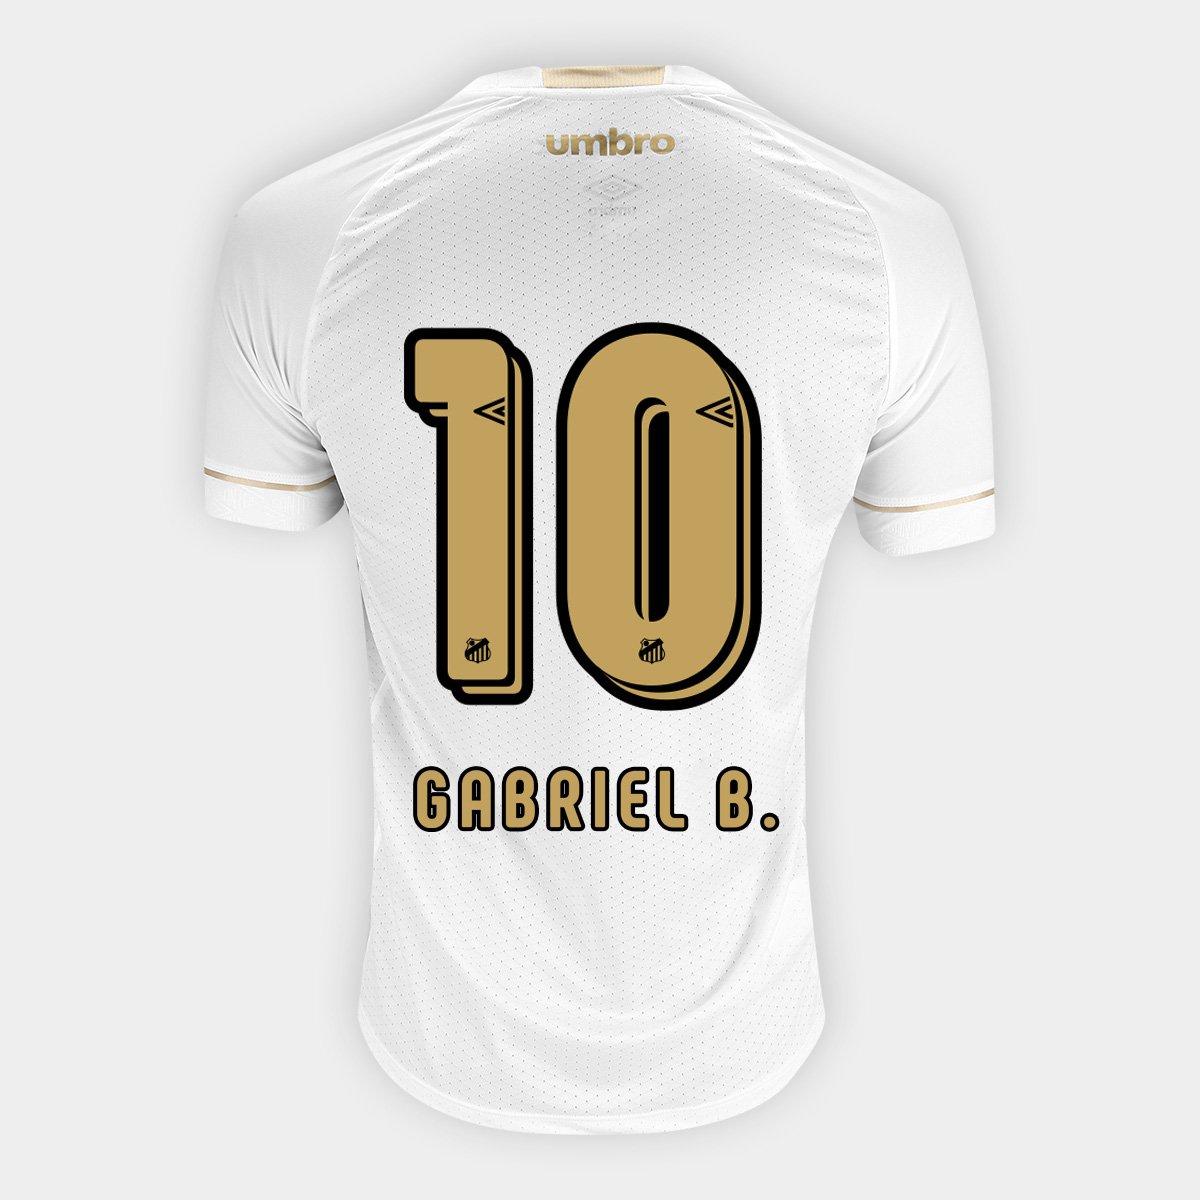 2a4ae2a9663e9 Camisa Santos I 18 19 n° 10 Gabriel - Torcedor Umbro Masculina - Compre  Agora